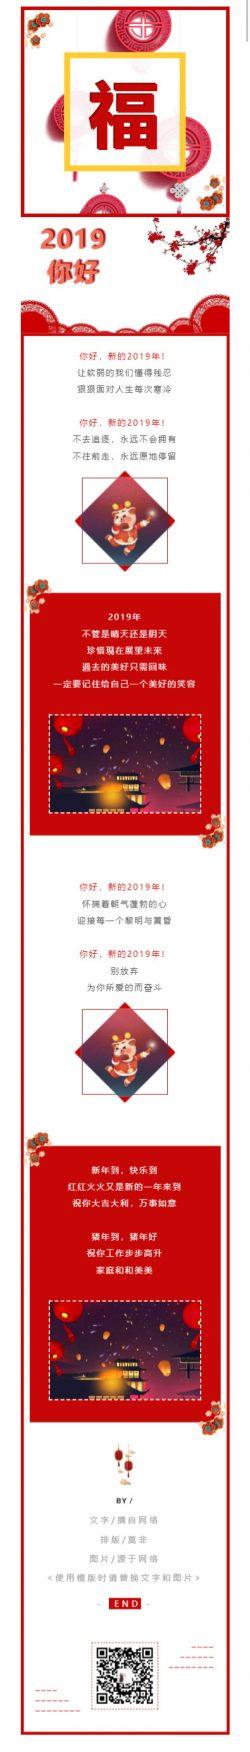 2019新年春节新春喜庆红色风格模板